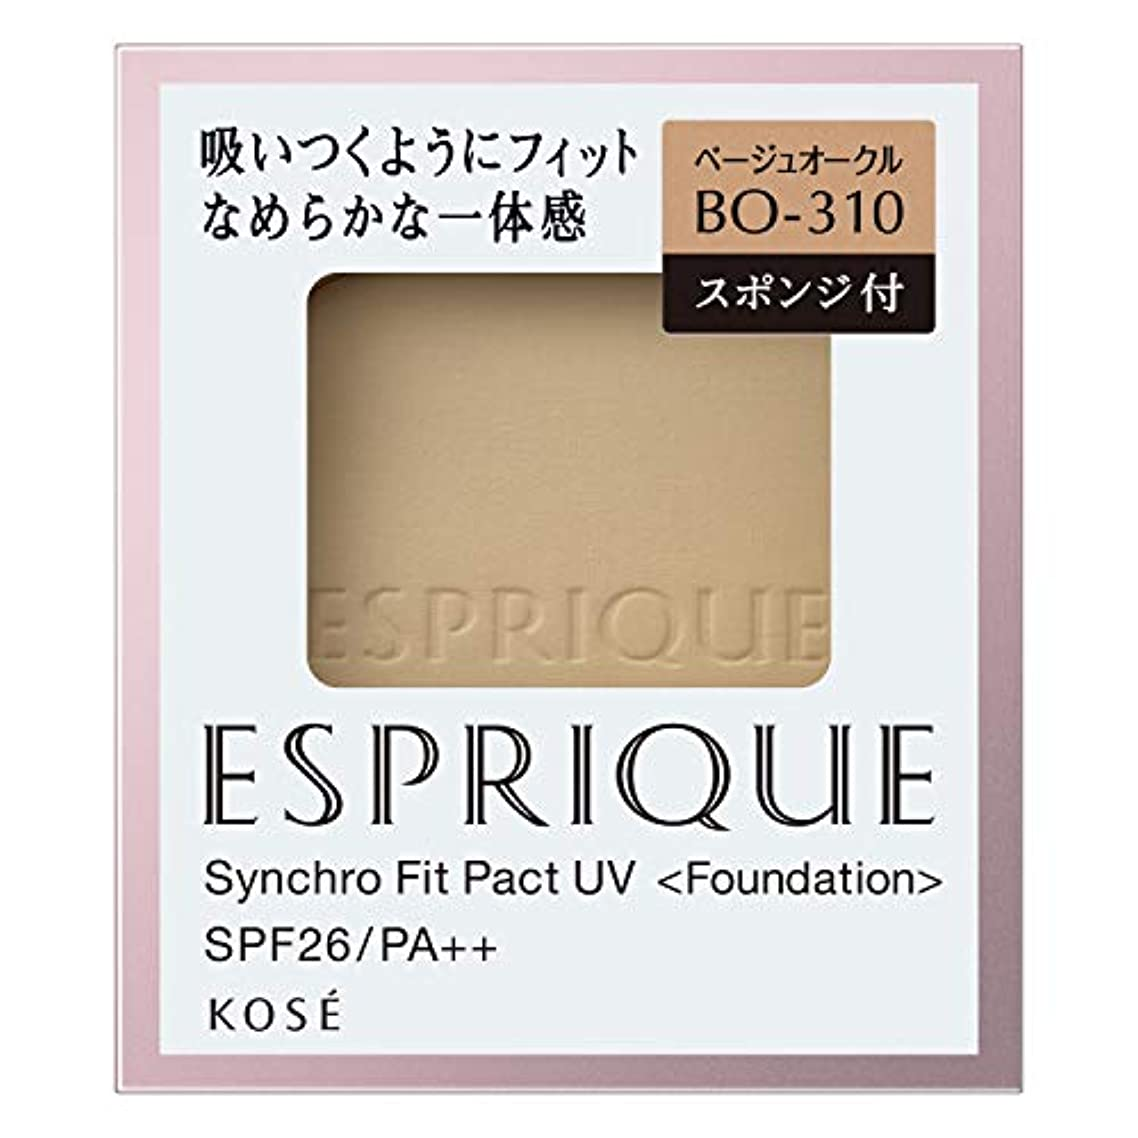 ラフトカスケード痴漢エスプリーク シンクロフィット パクト UV BO-310 ベージュオークル 9.3g